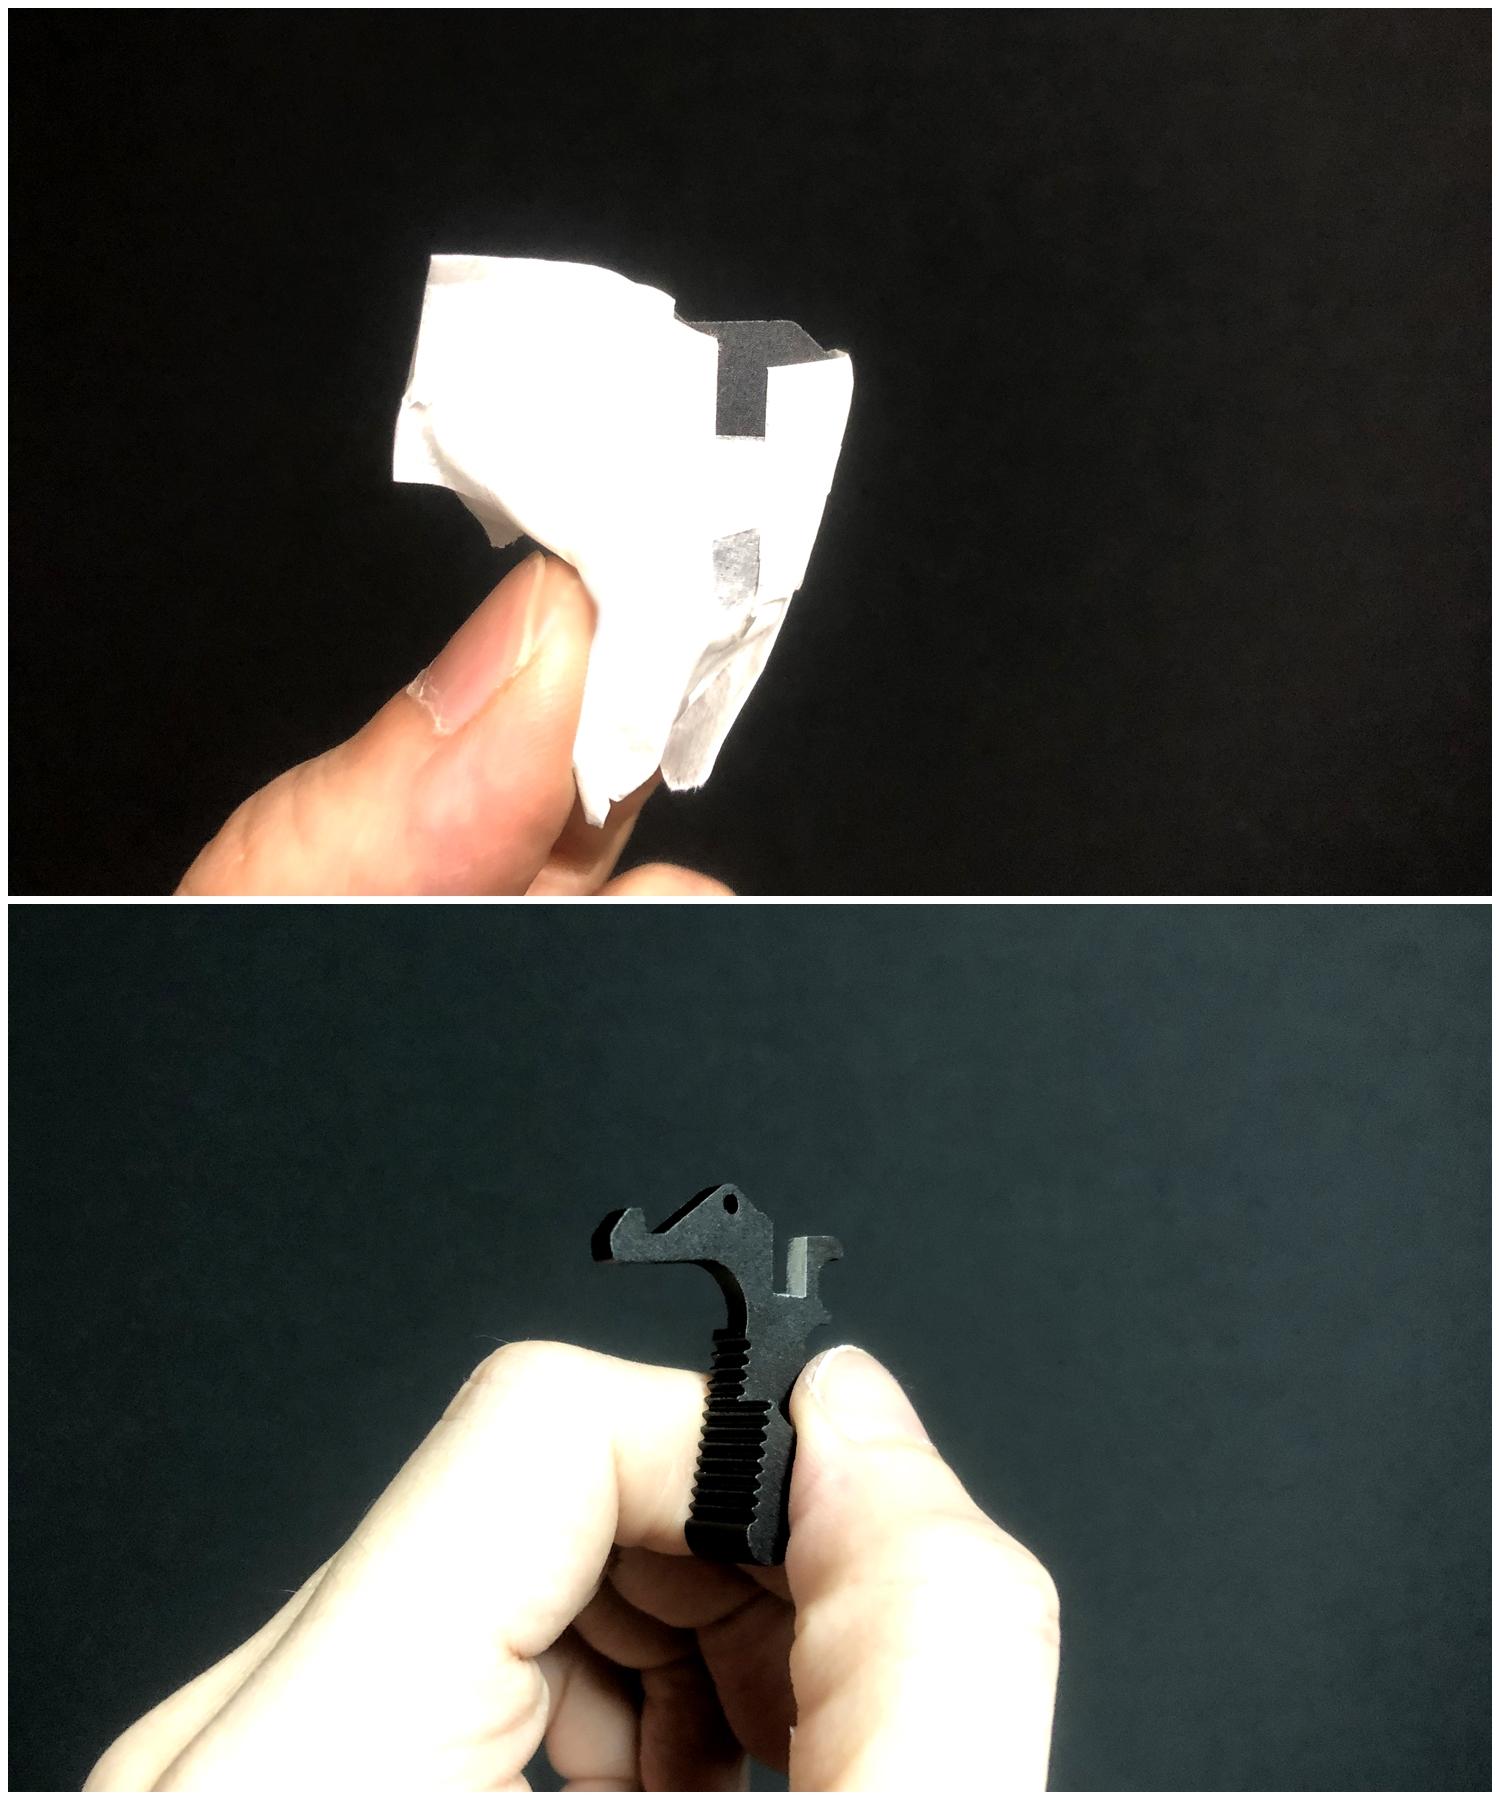 7 次世代 M4 CQB-R チャージングハンドルを考える!! BCM Mod3 チャージングラッチを加工してレプリカを作ってみる!! アンビ化計画 交換 取付 DIY レビュー!!